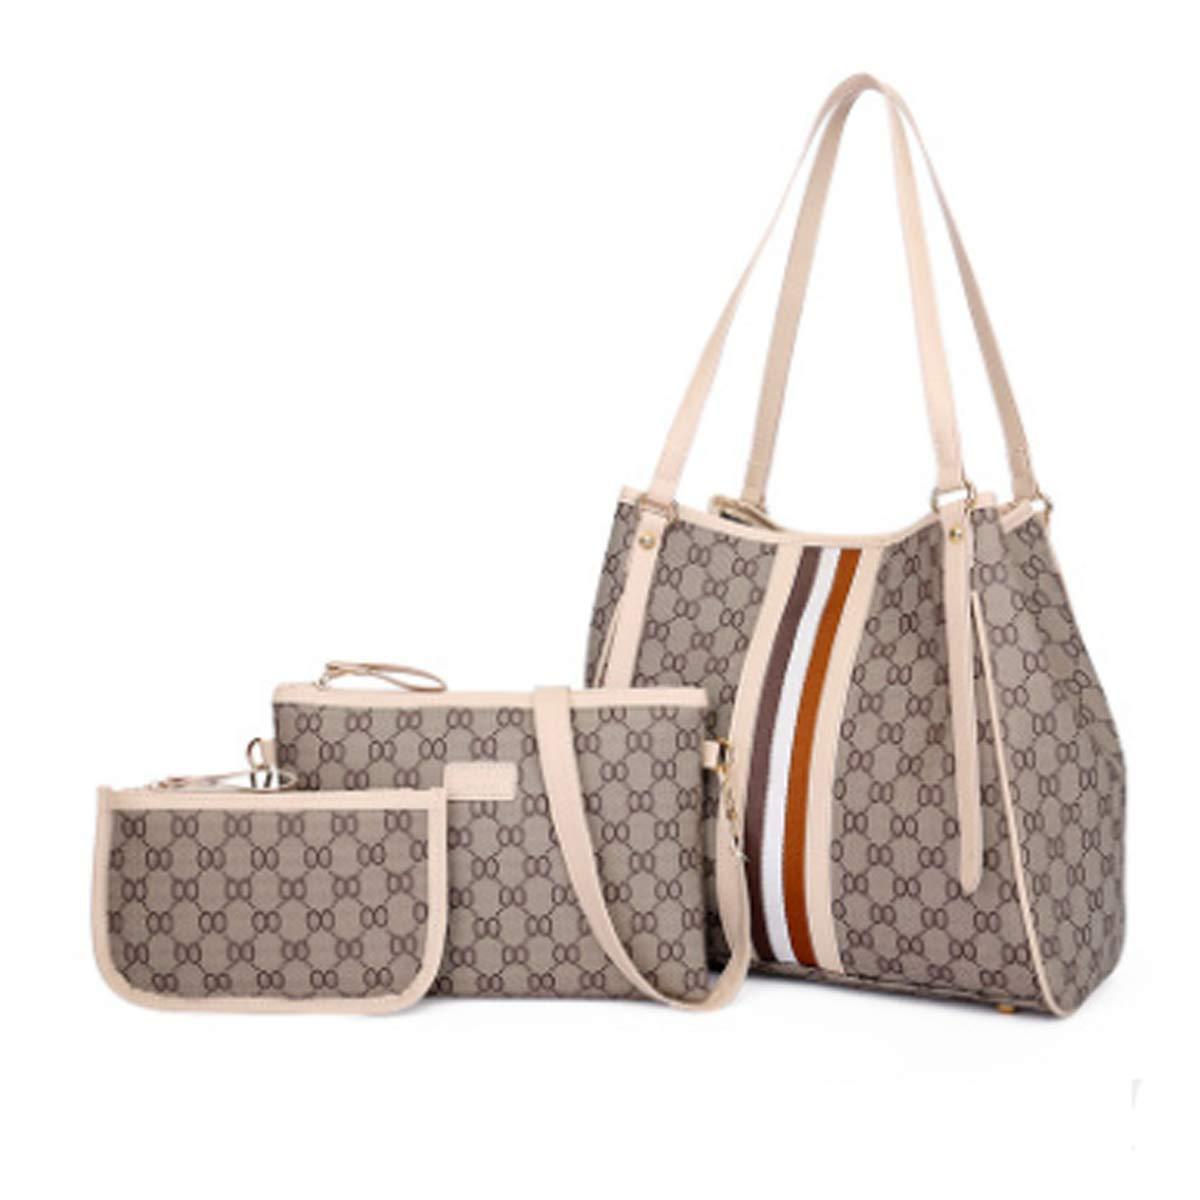 2018 neue europäische und amerikanische Mode große Kapazität Handtaschen atmosphärische Handtasche Mode Retro Damen Tasche Schultertasche (Beige) FXTKU